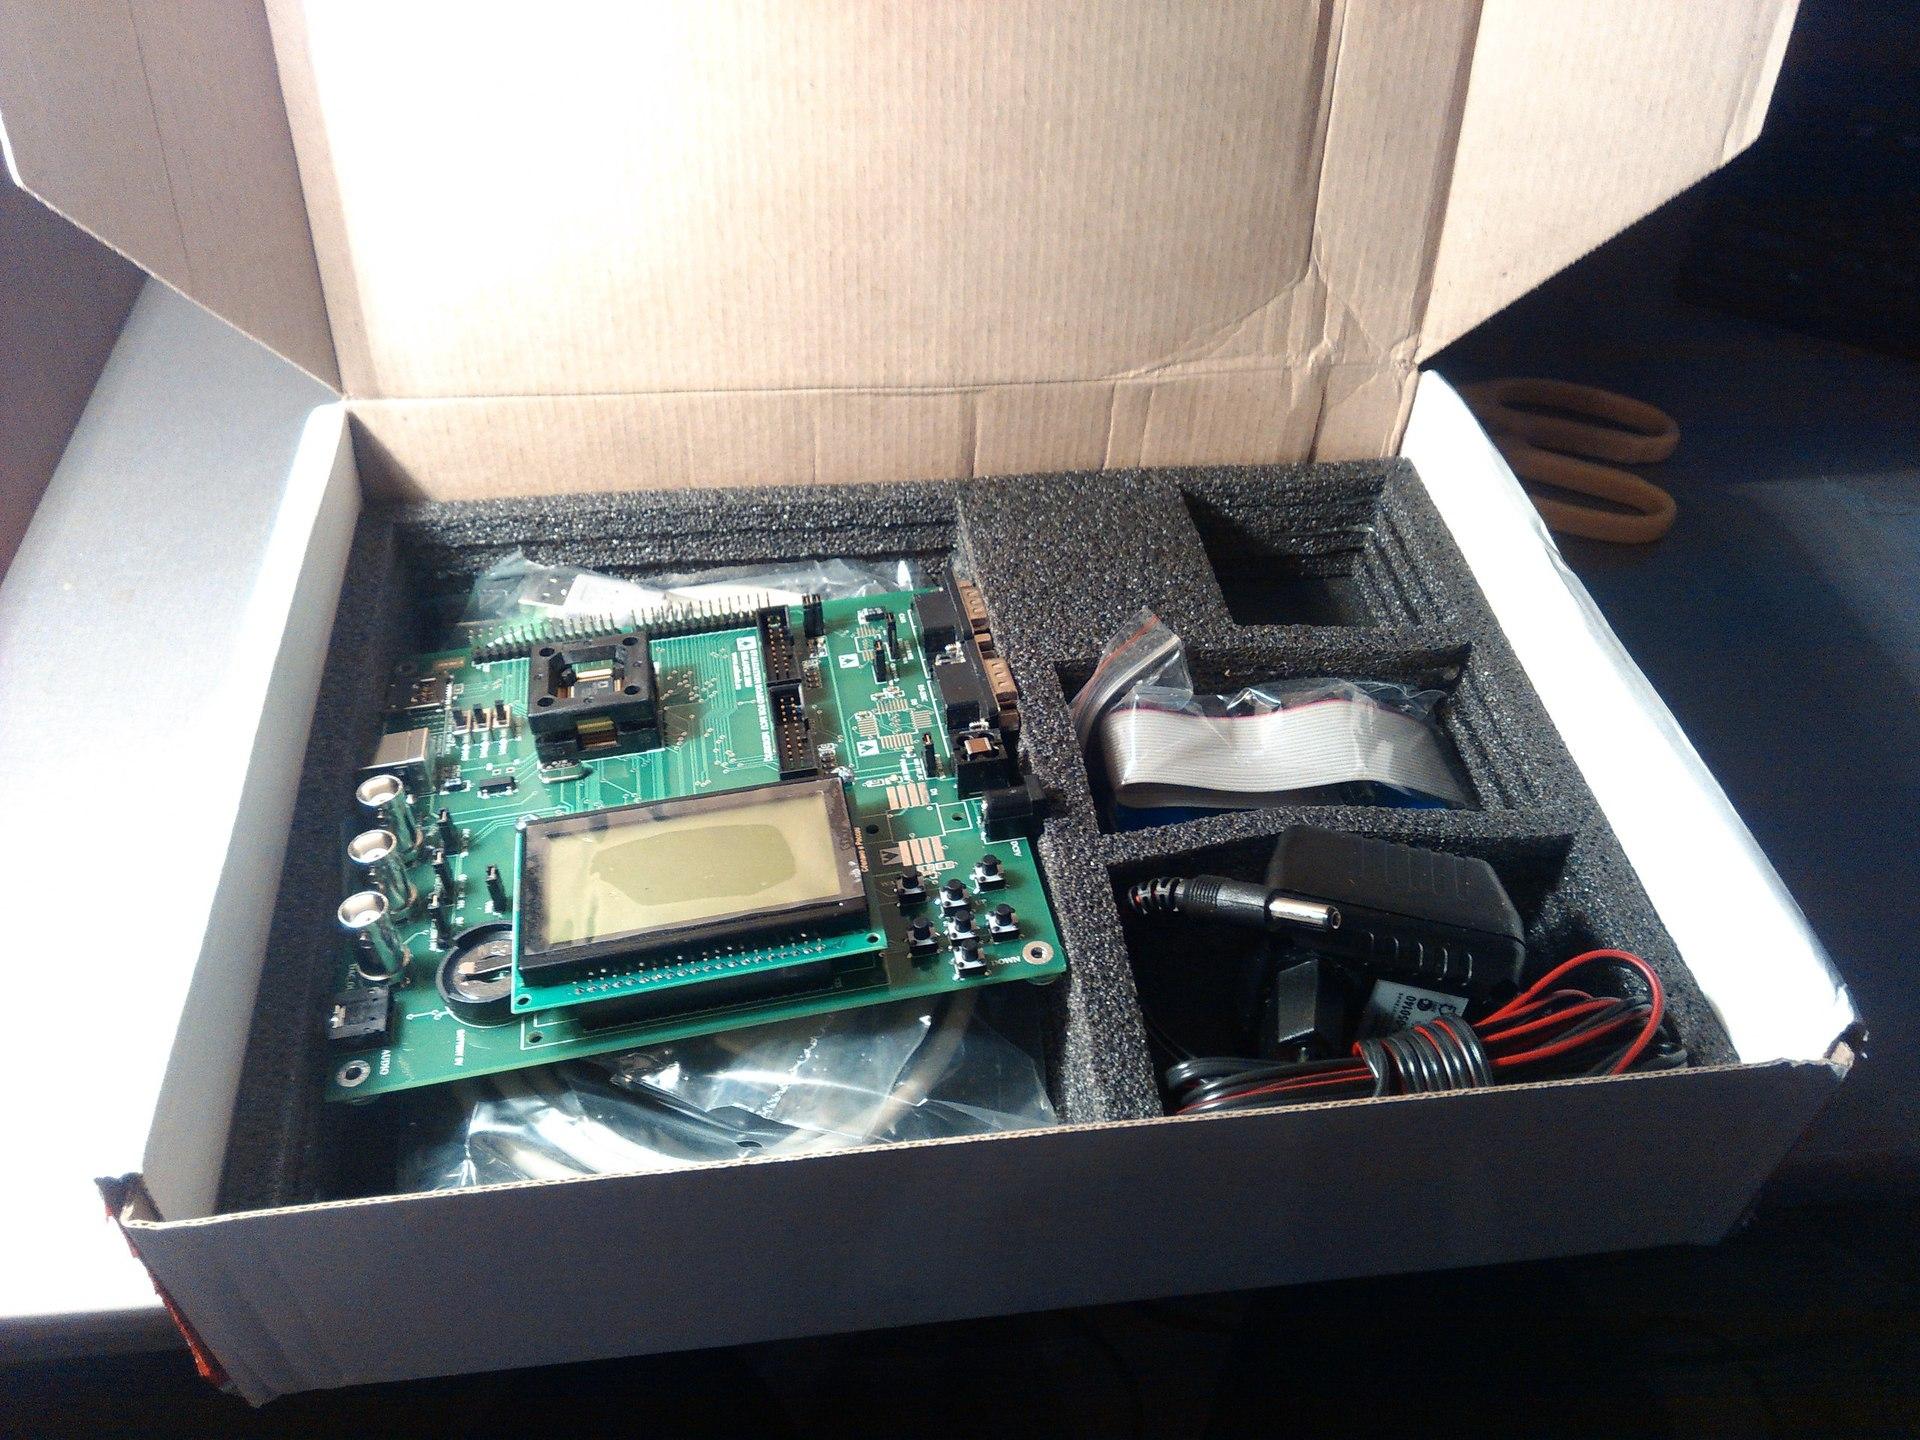 Переходим с STM32F103 на К1986ВЕ92QI. Или первое знакомство с российским микроконтроллером - 9